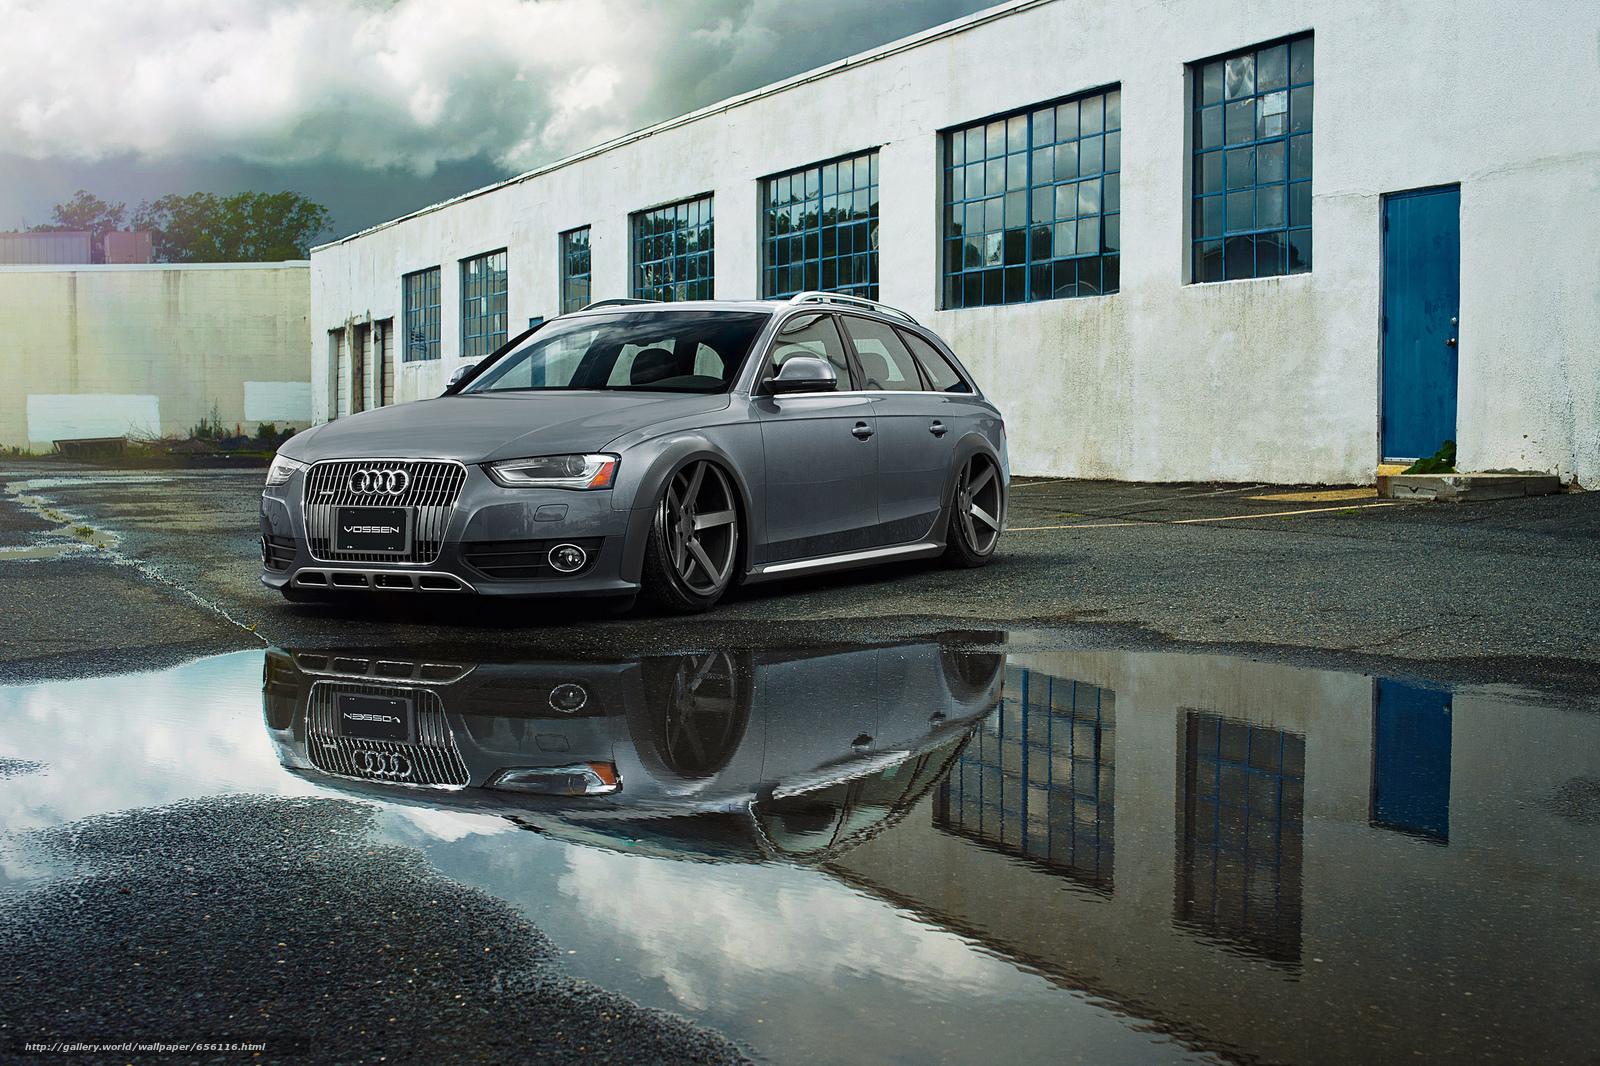 Скачать обои Audi,  машина,  автомобиль бесплатно для рабочего стола в разрешении 2048x1365 — картинка №656116